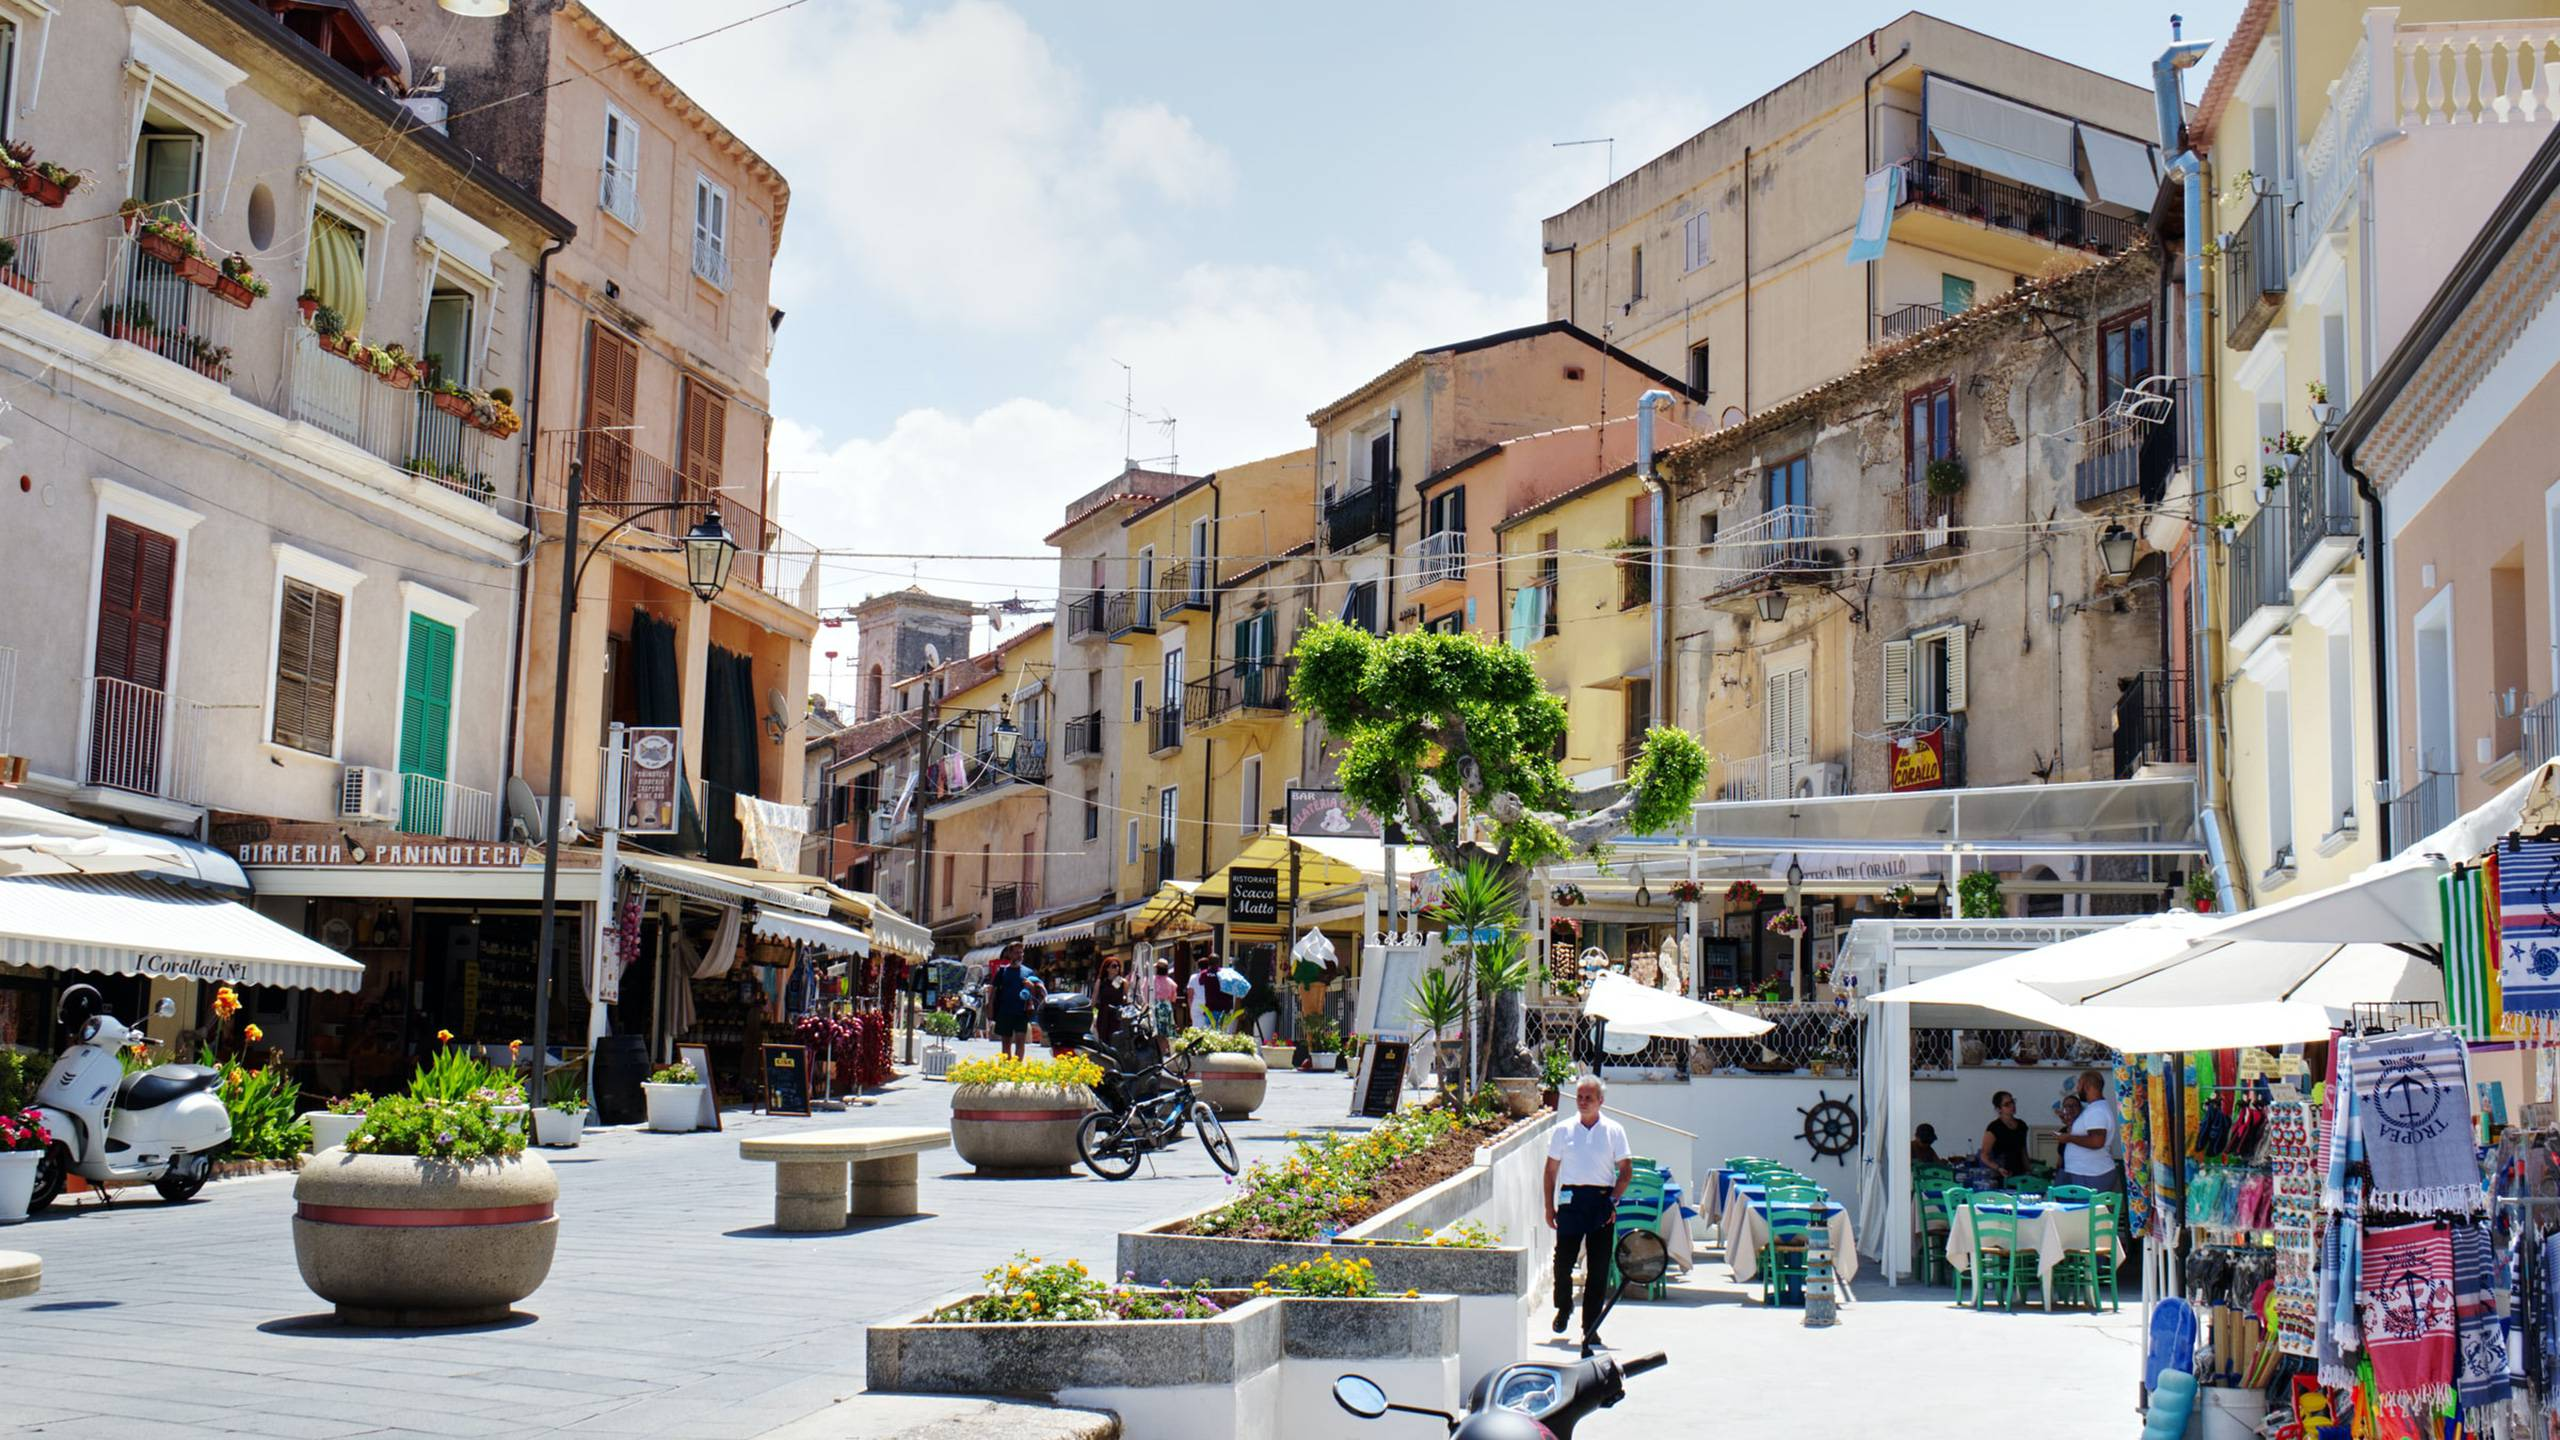 Santa-Caterina-Village-Scalea-Calabria-3